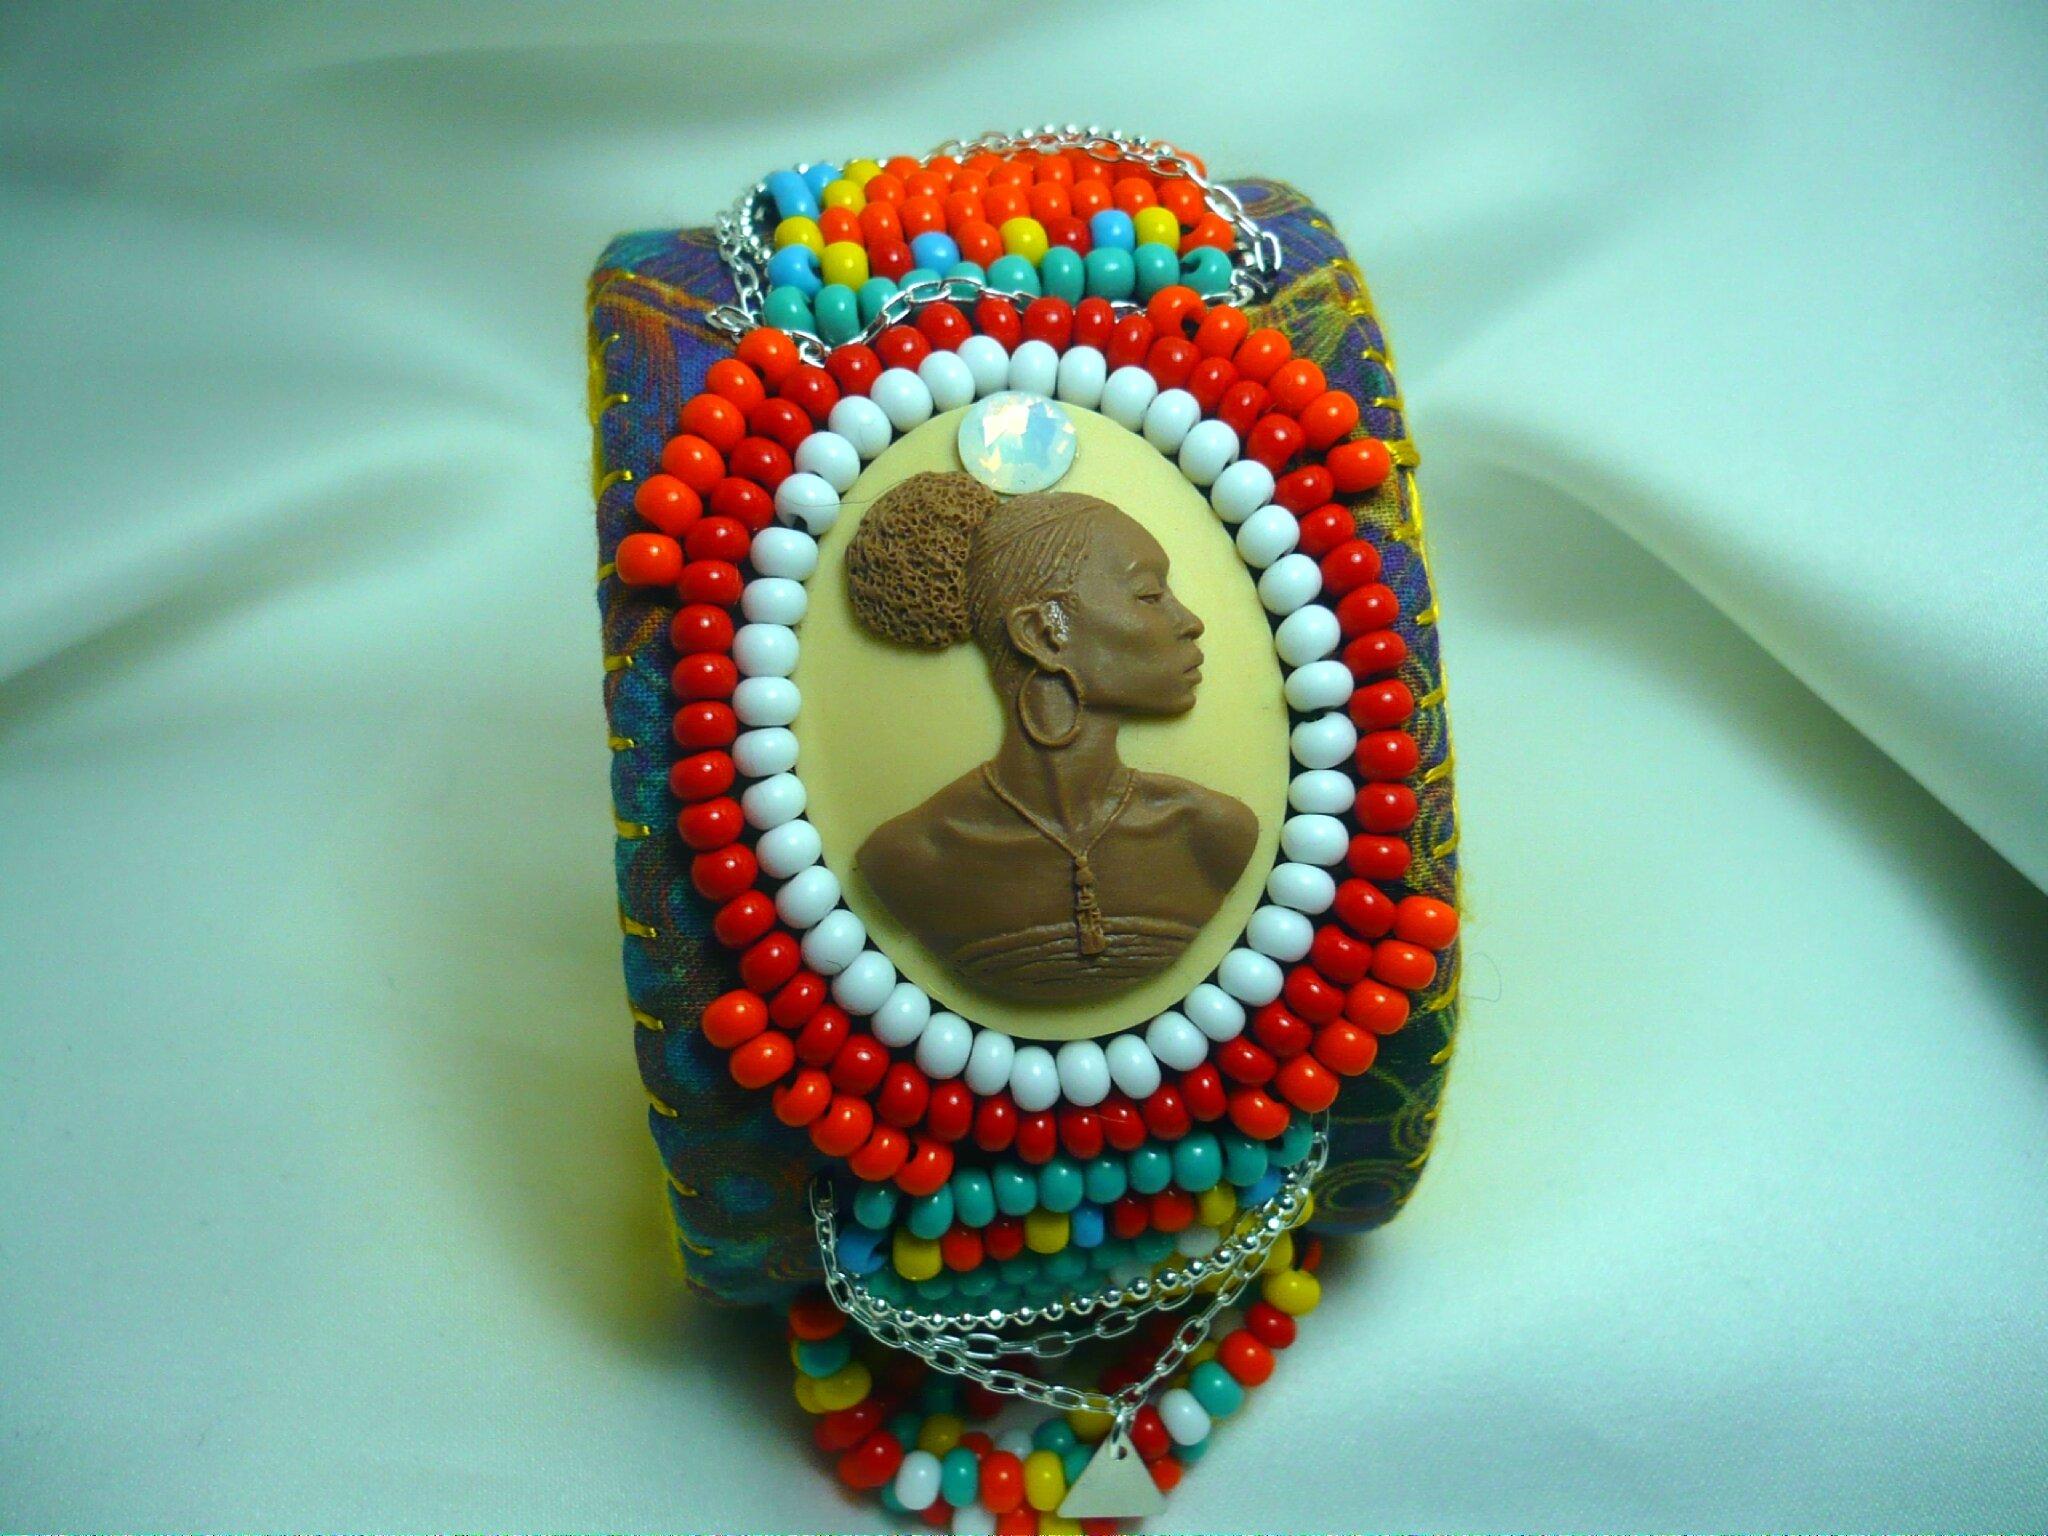 nouveauté Création d'inspiration Masai réalisée